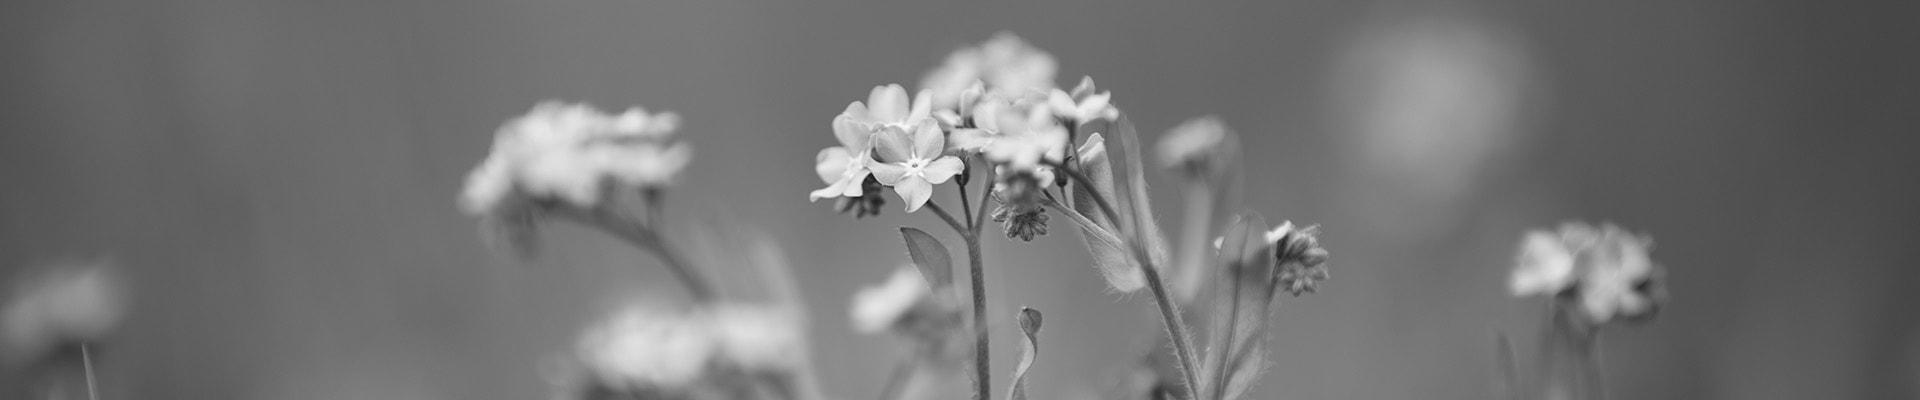 Blommor svartvit